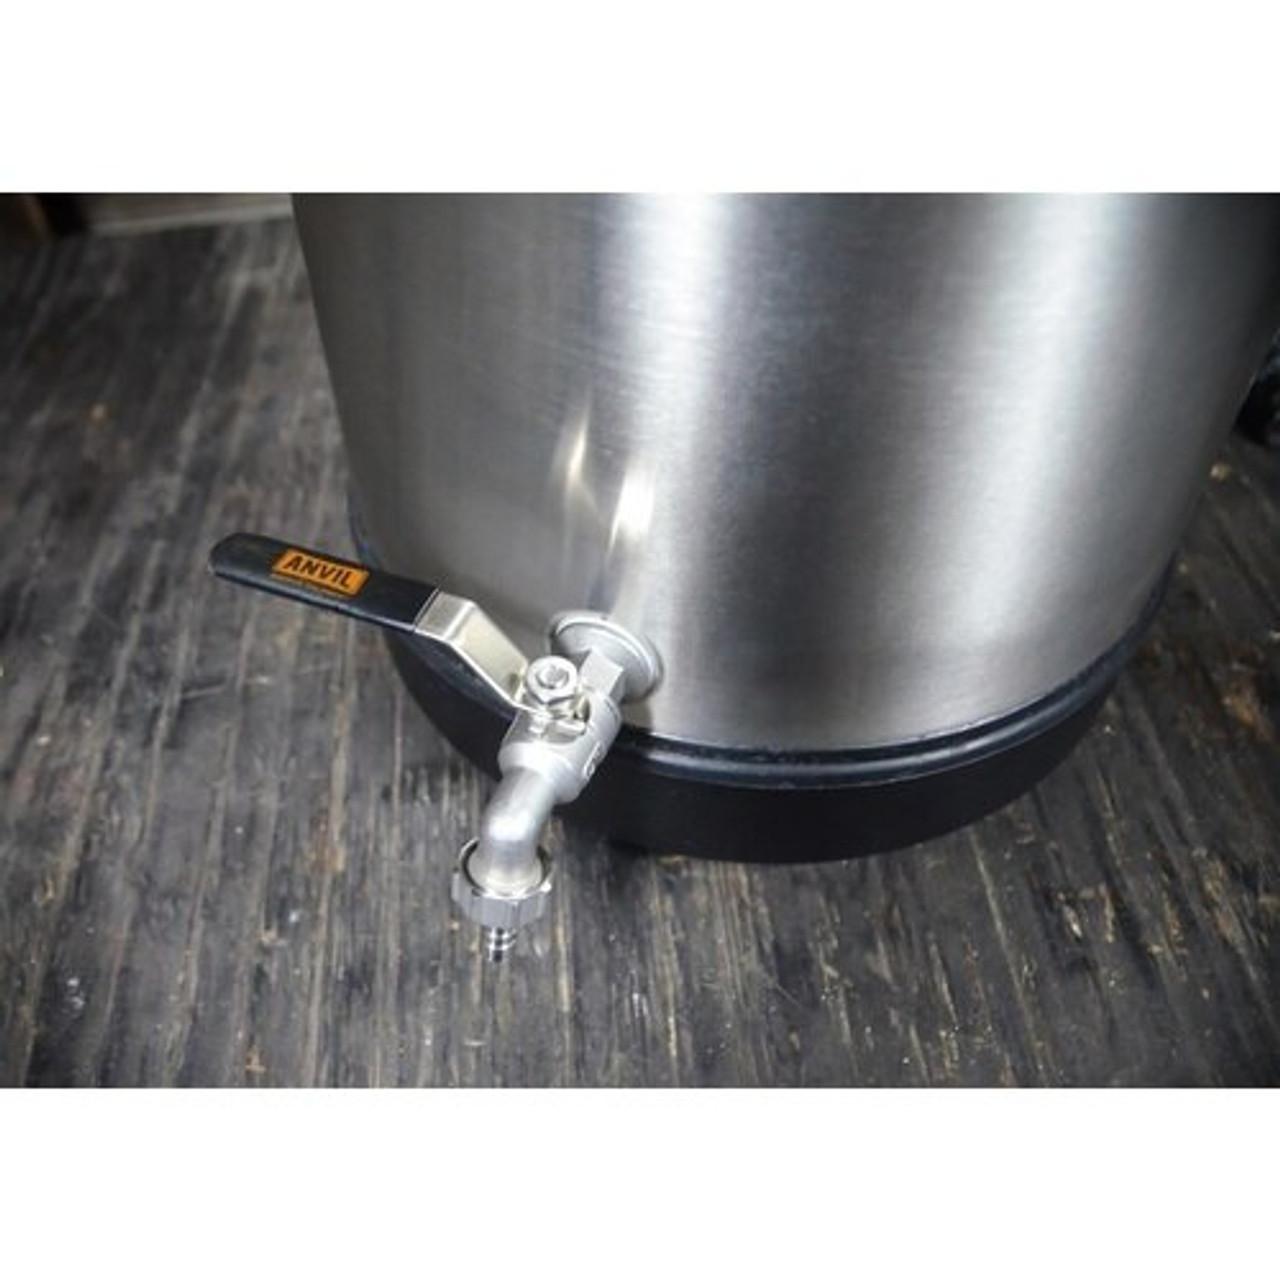 Anvil Stainless Bucket Fermenter - 4 gallon